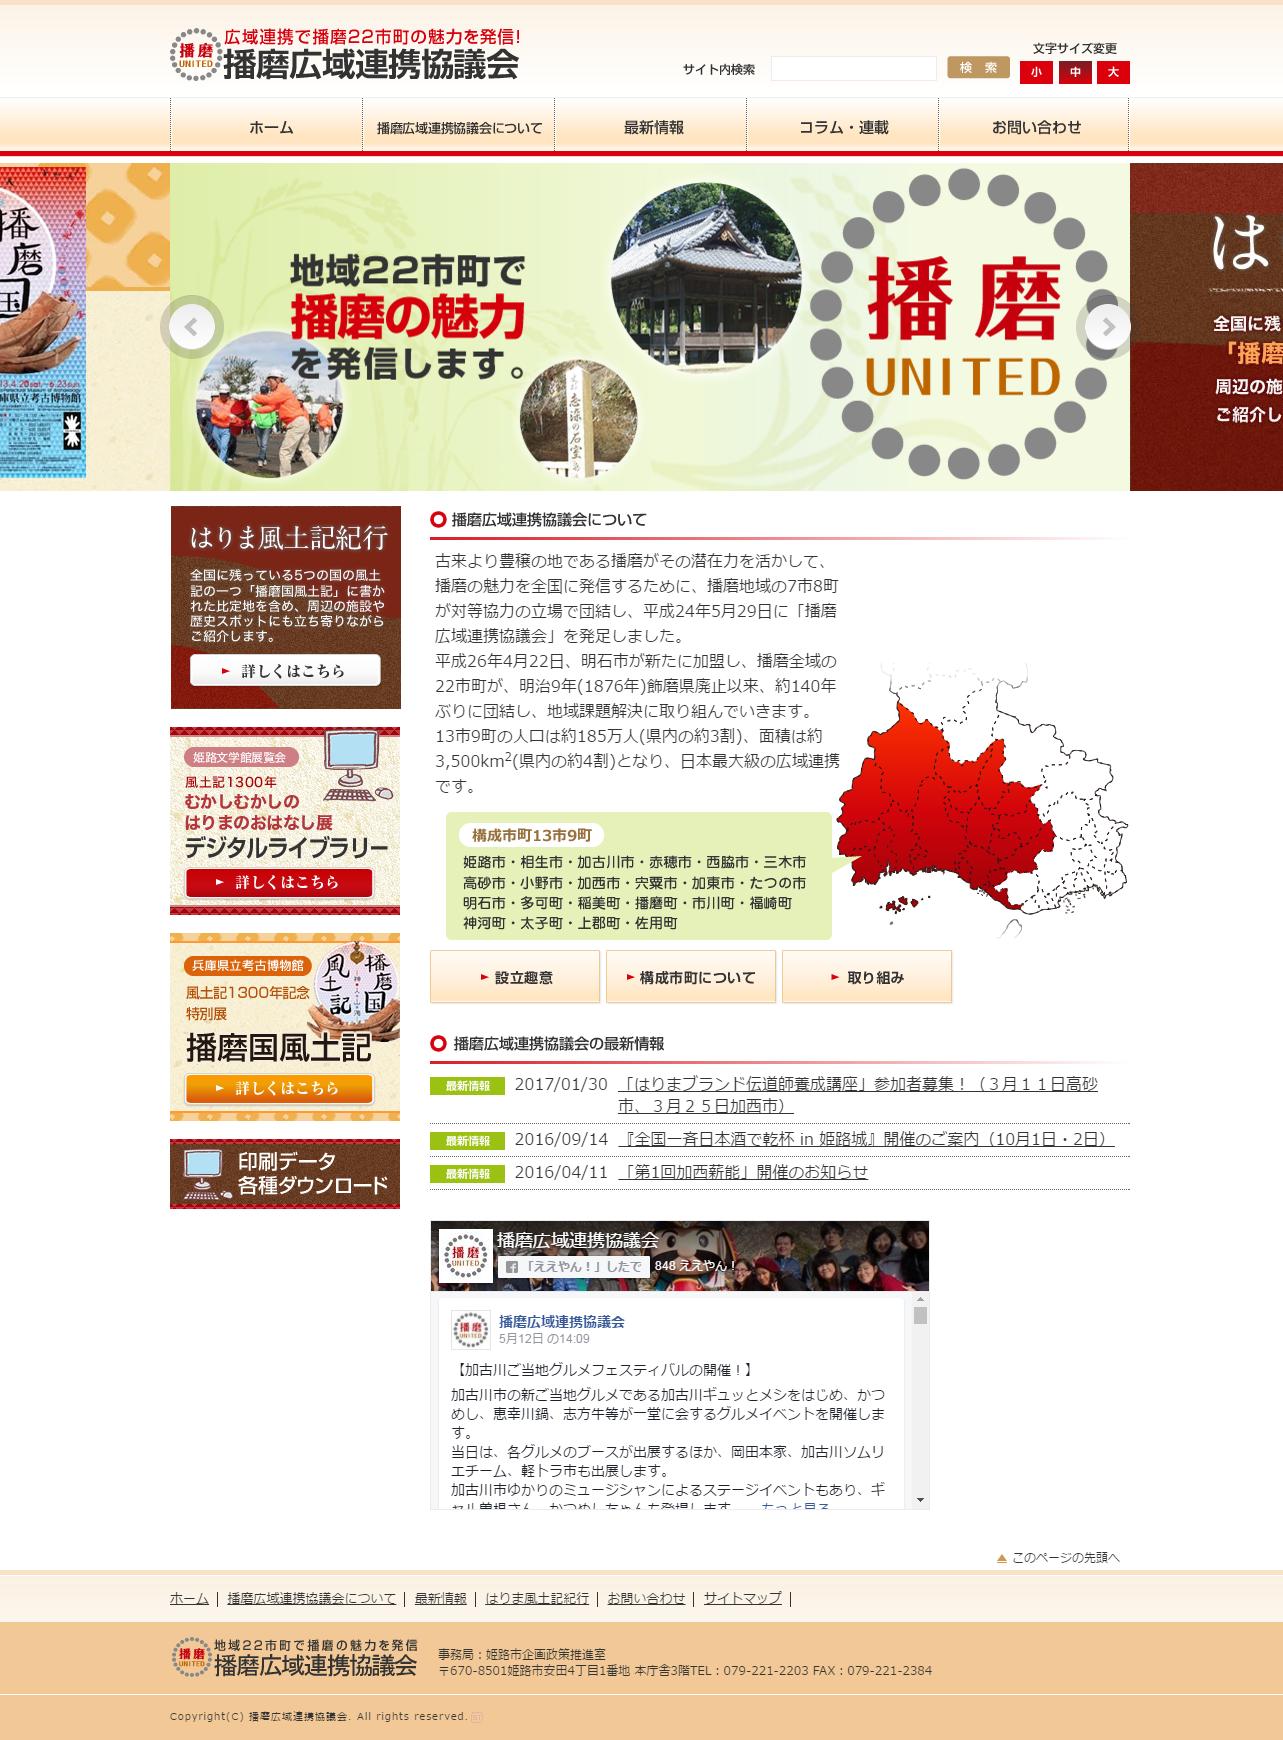 姫路市 播磨広域連携協議会 ホームページ制作1